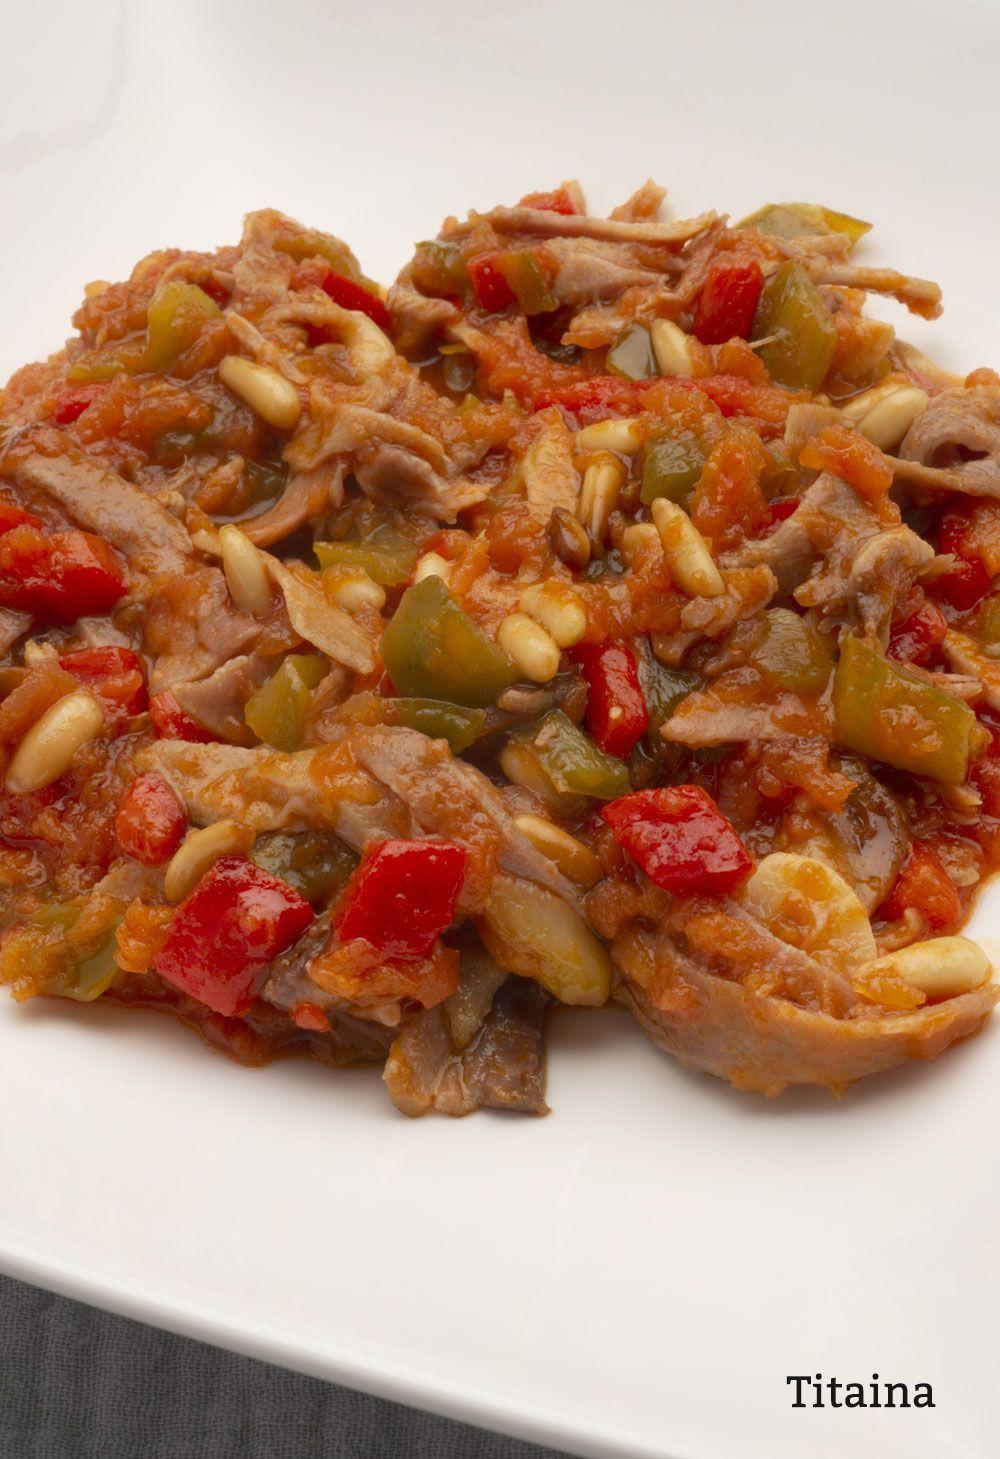 Titaina Ventresca D Atún Salada C Cebolla Piñones Y Salsa D Tomate Verduras Comida Mariscos